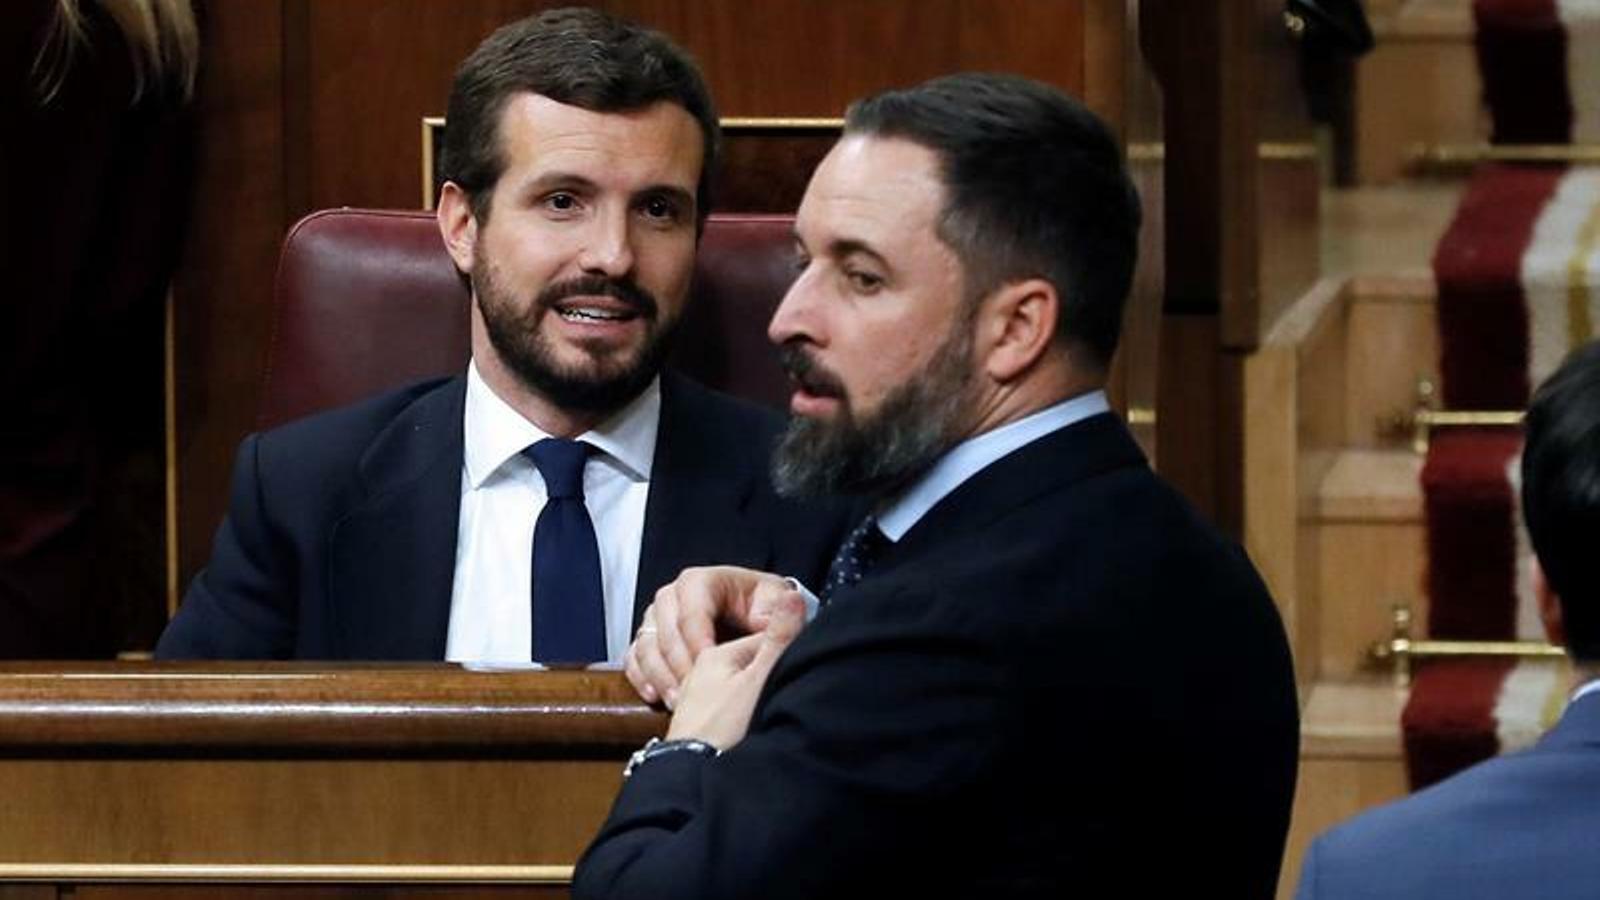 Pablo Casado i Santiago Abascal conversant en la sessió constitutiva del Congrés